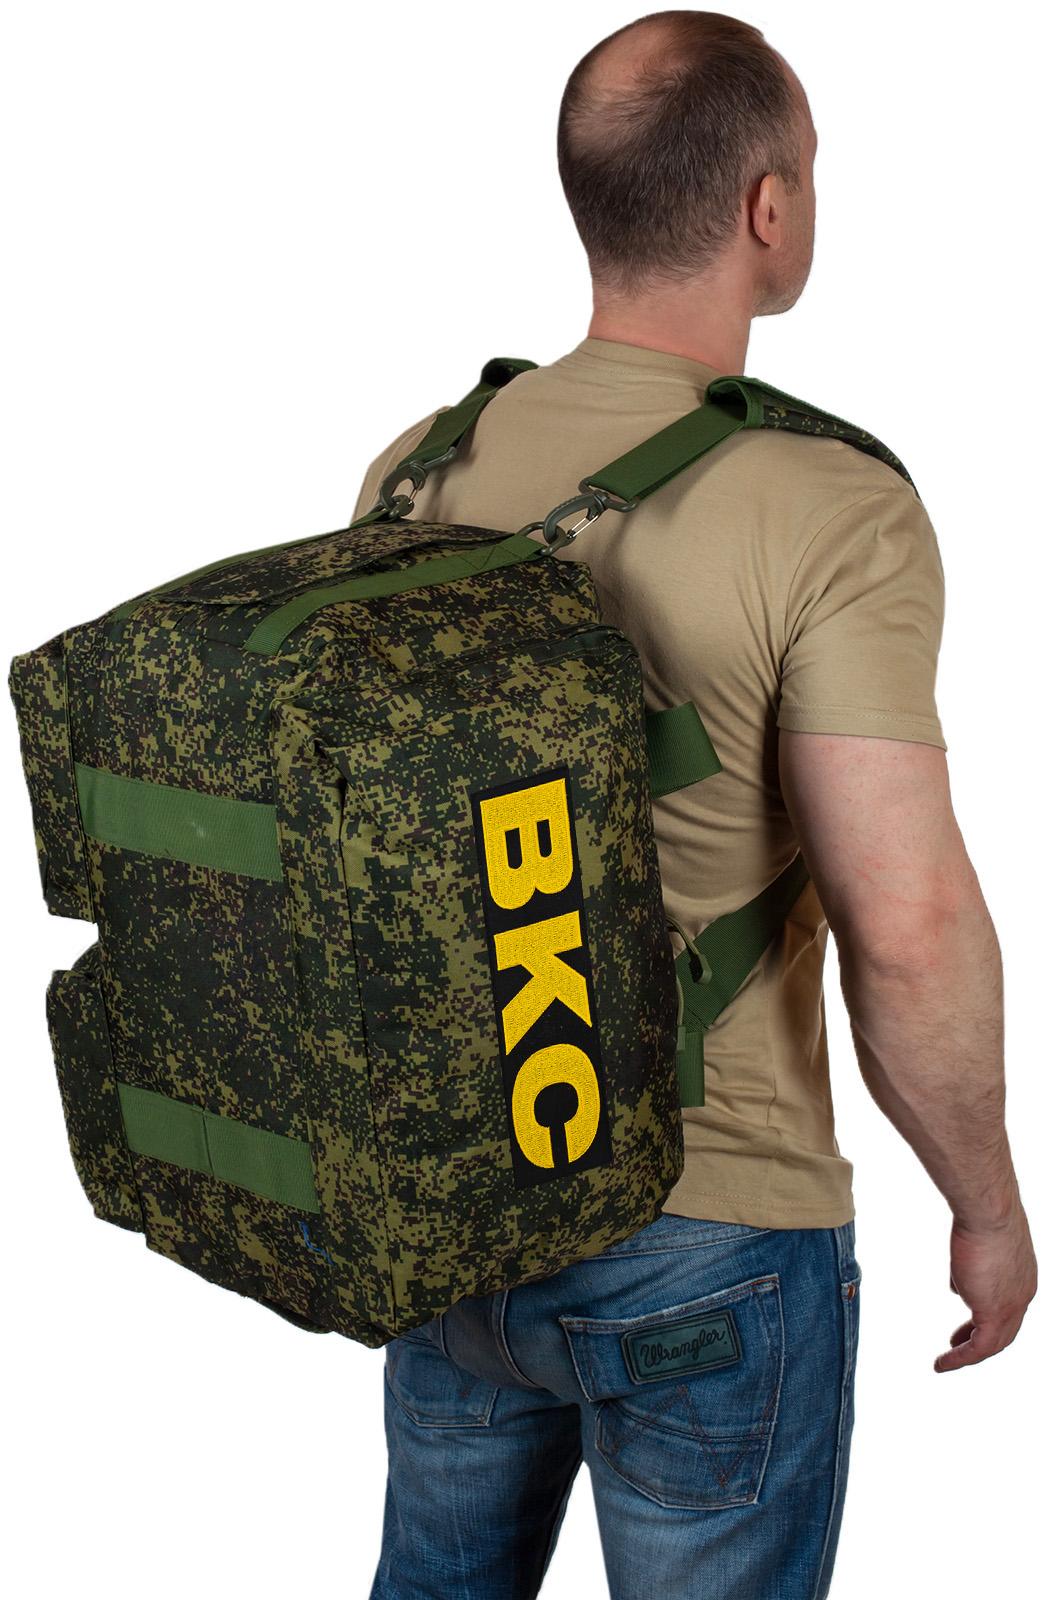 Купить походную камуфляжную сумку с нашивкой ВКС с доставкой или самовывозом